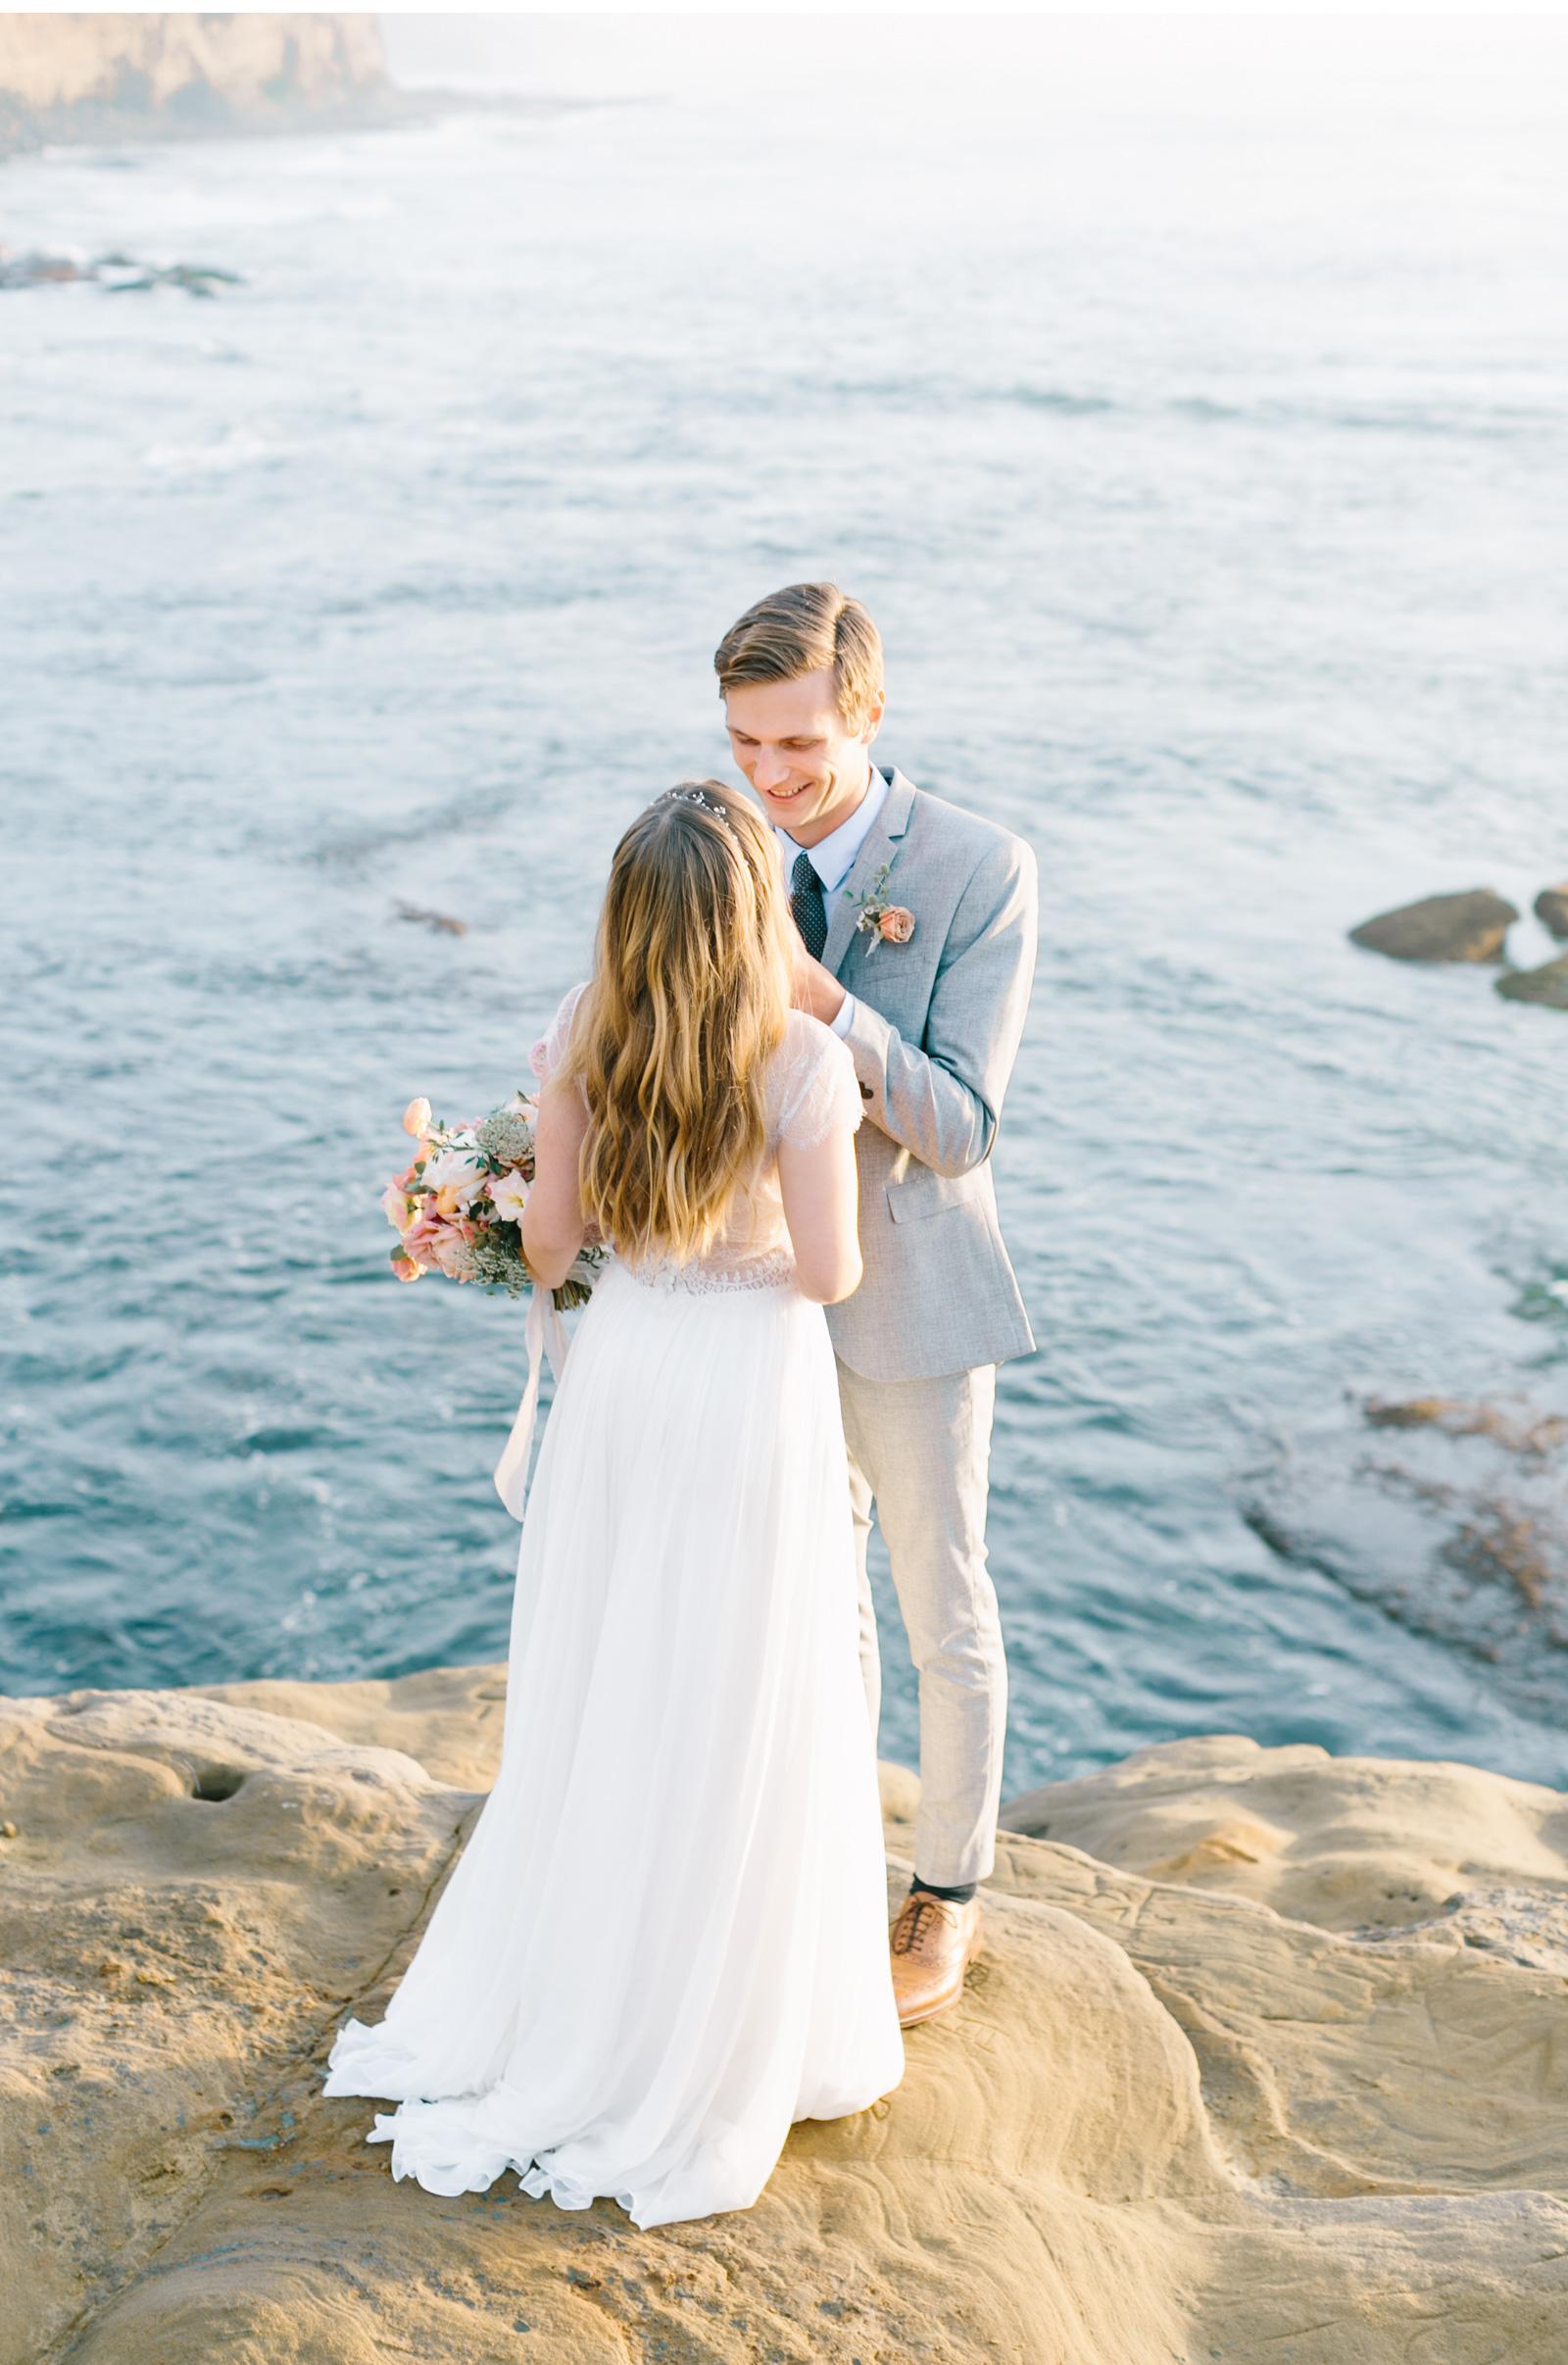 Fine-Art-Southern-California-Wedding-Photographer-Natalie-Schutt-Photography_02.jpg